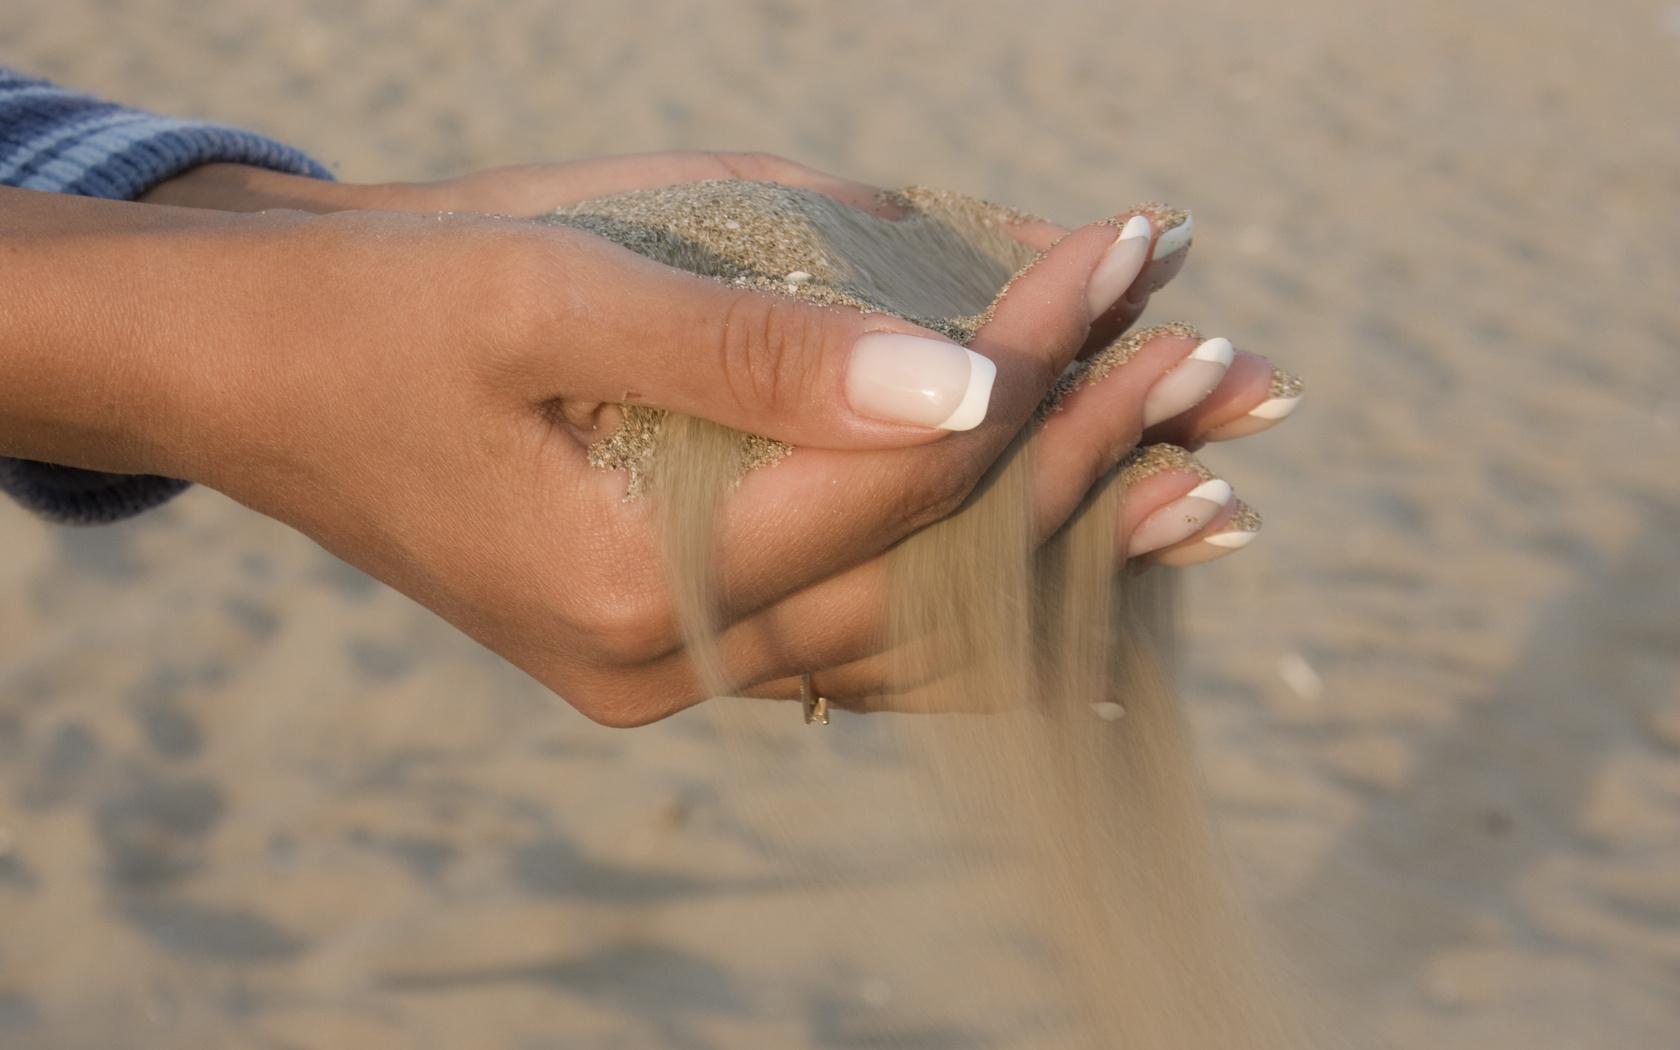 Красивые женские руки держащие член фото2